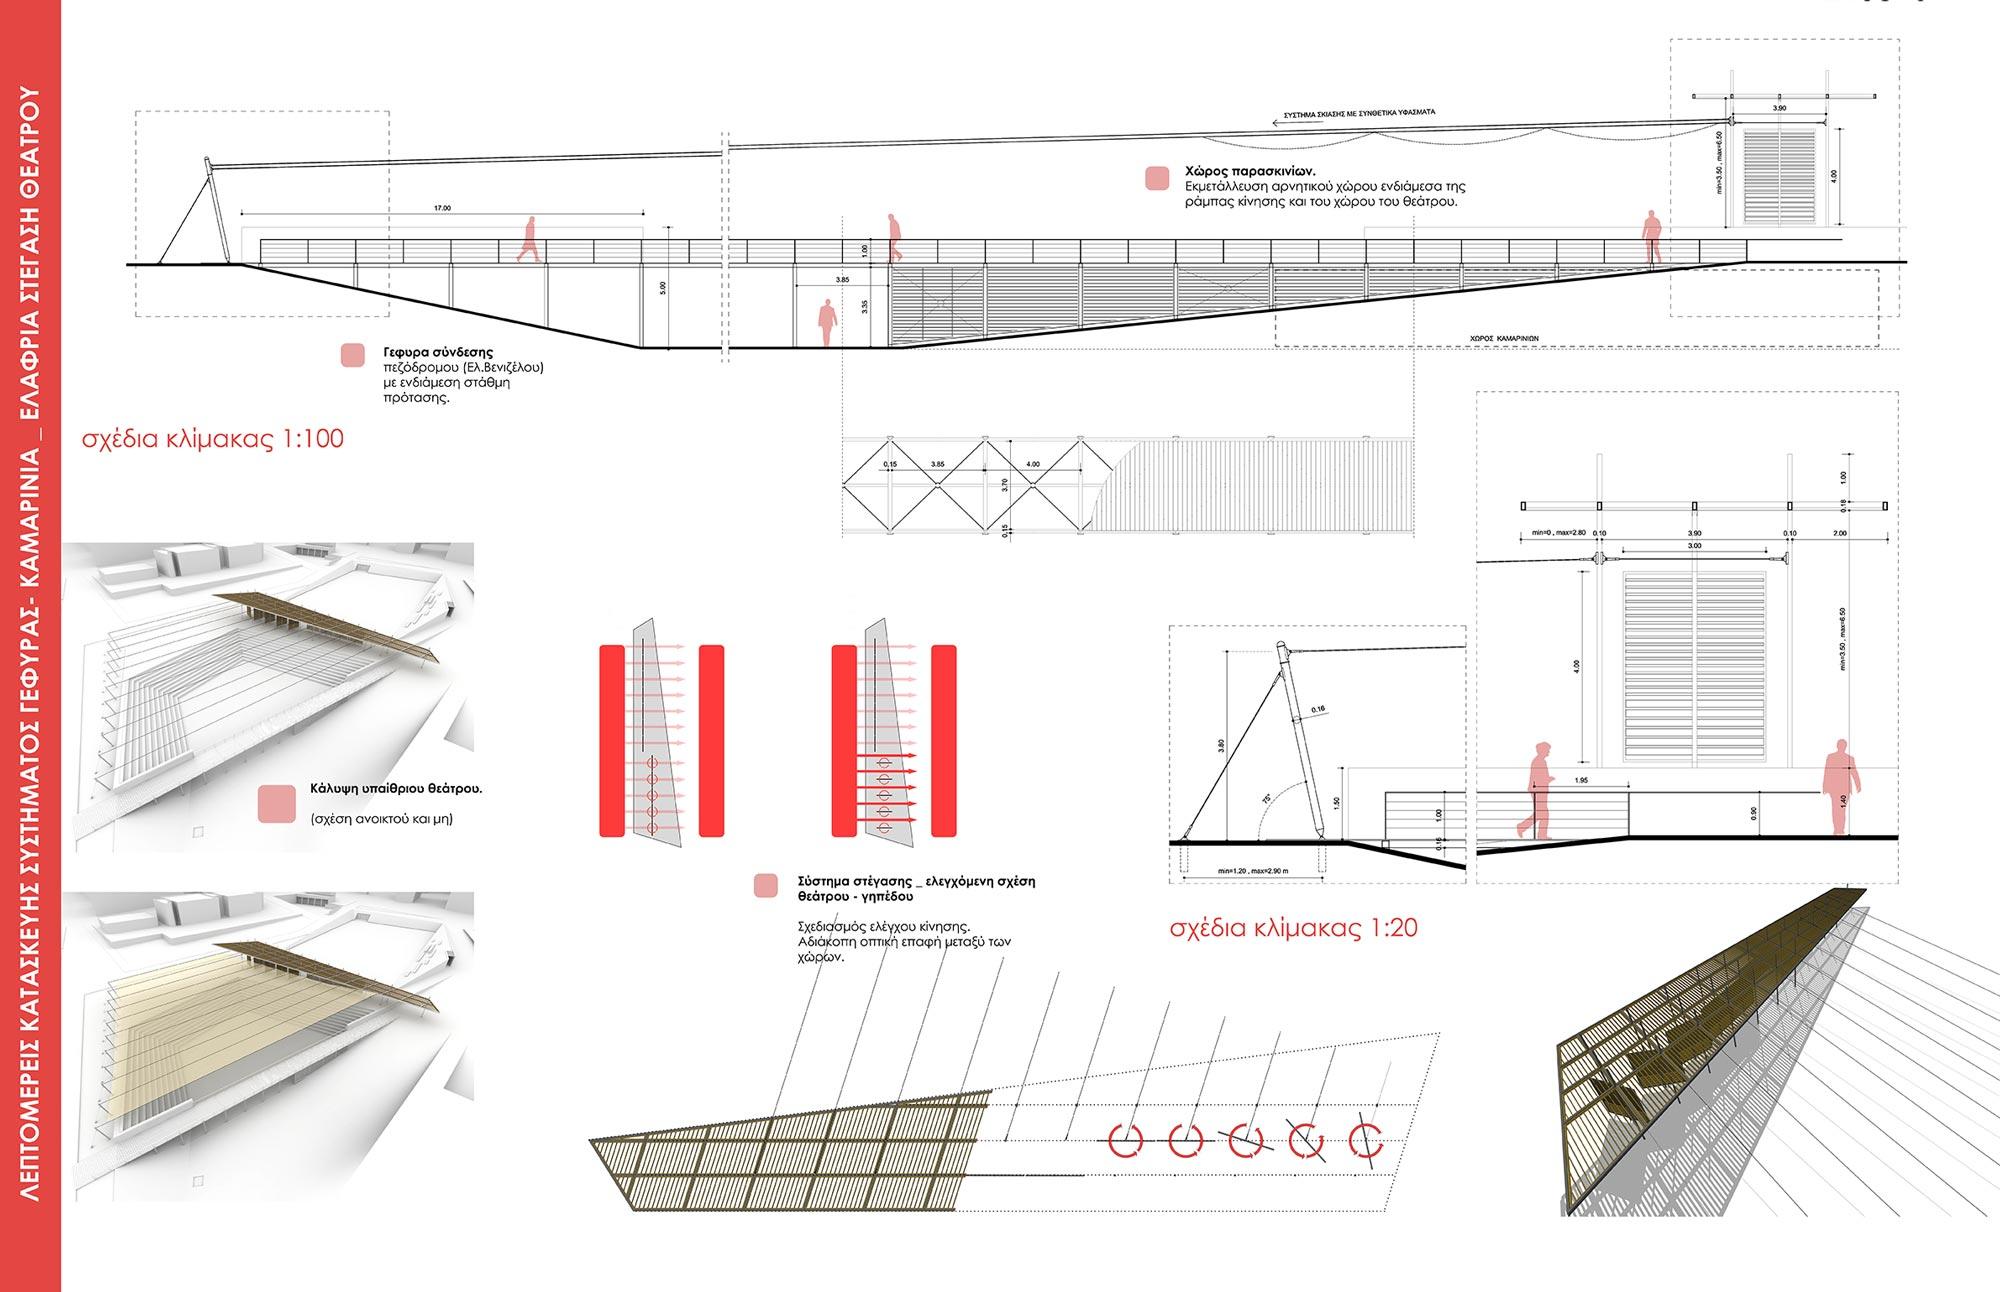 valkaniki_square (4).jpg